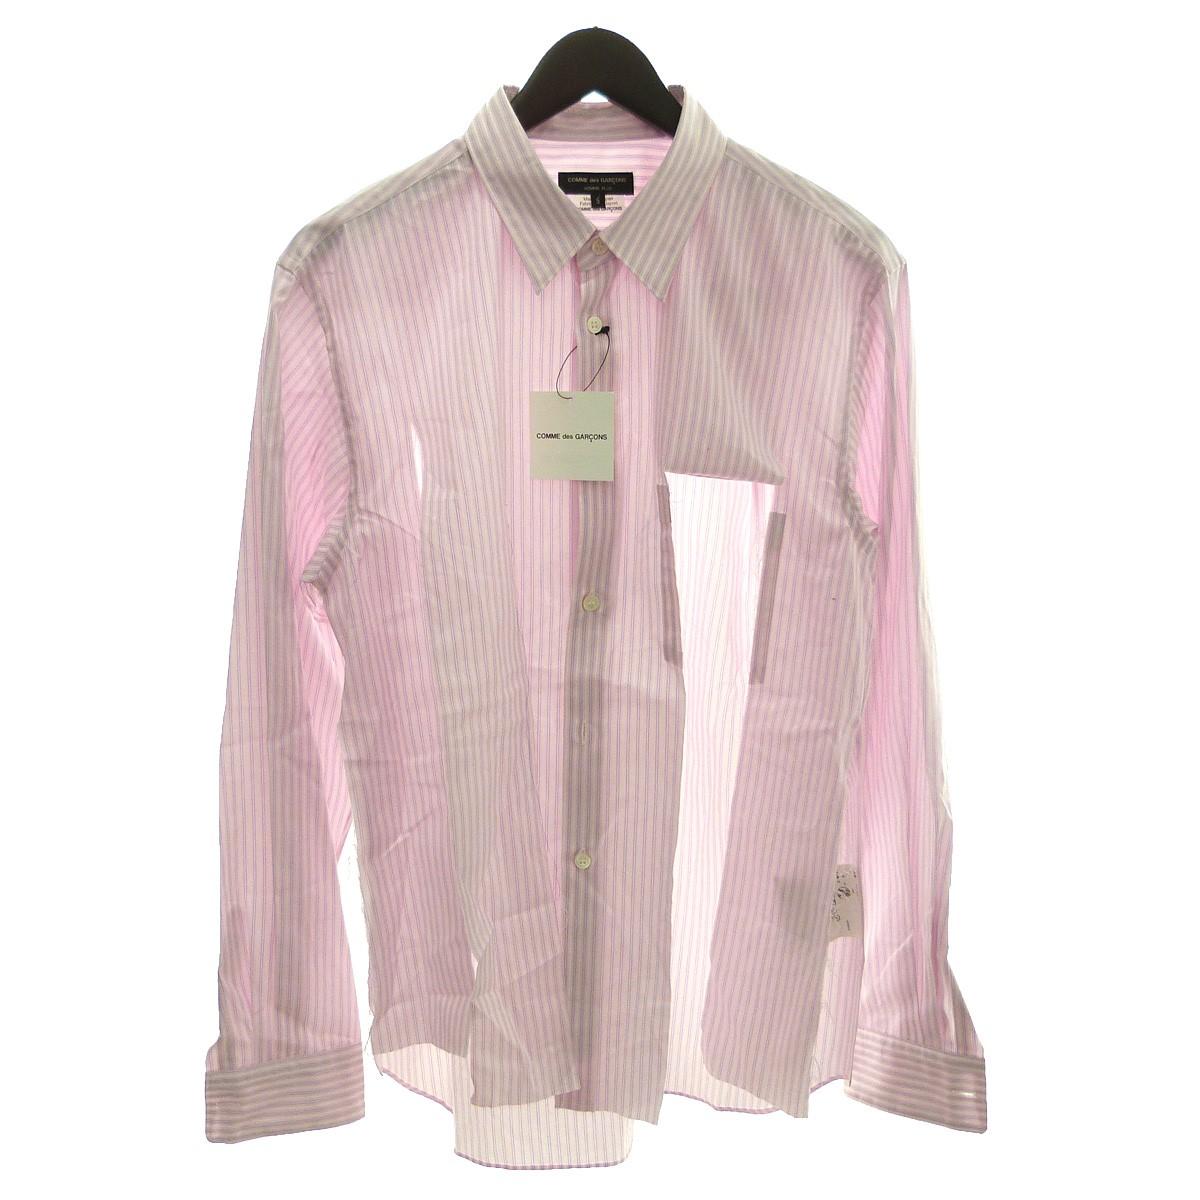 【中古】COMME des GARCONS HOMME PLUS 19SS フロントカットストライプシャツ ピンク サイズ:S 【260420】(コムデギャルソンオムプリュス)